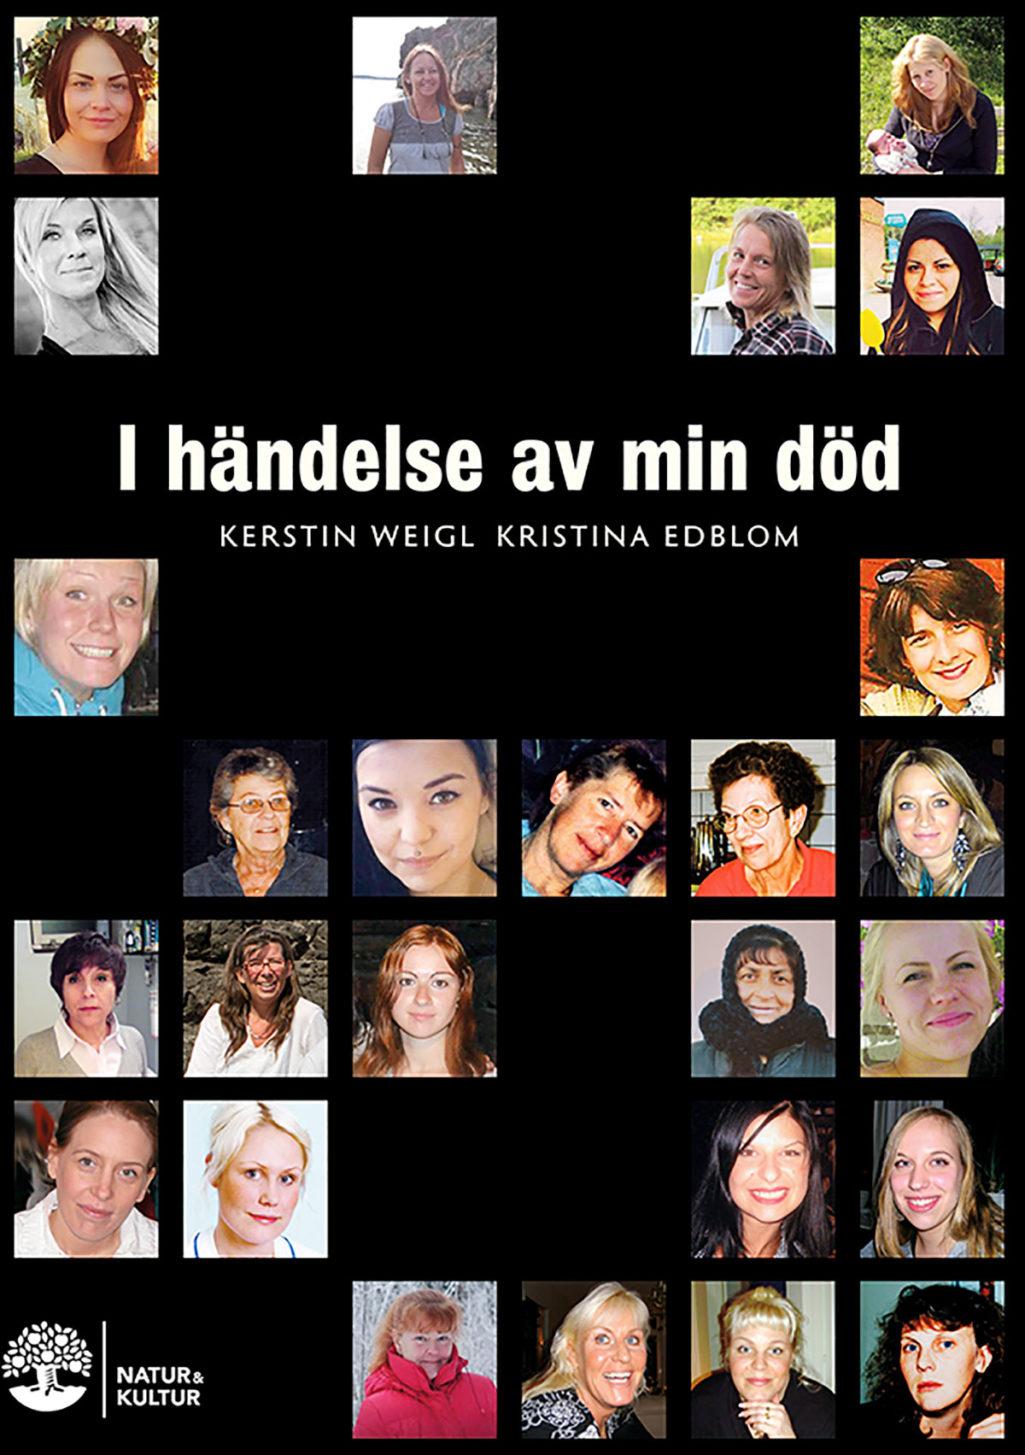 reportagebok-mans-vald-mot-kvinnor-i-handelse-av-min-dod